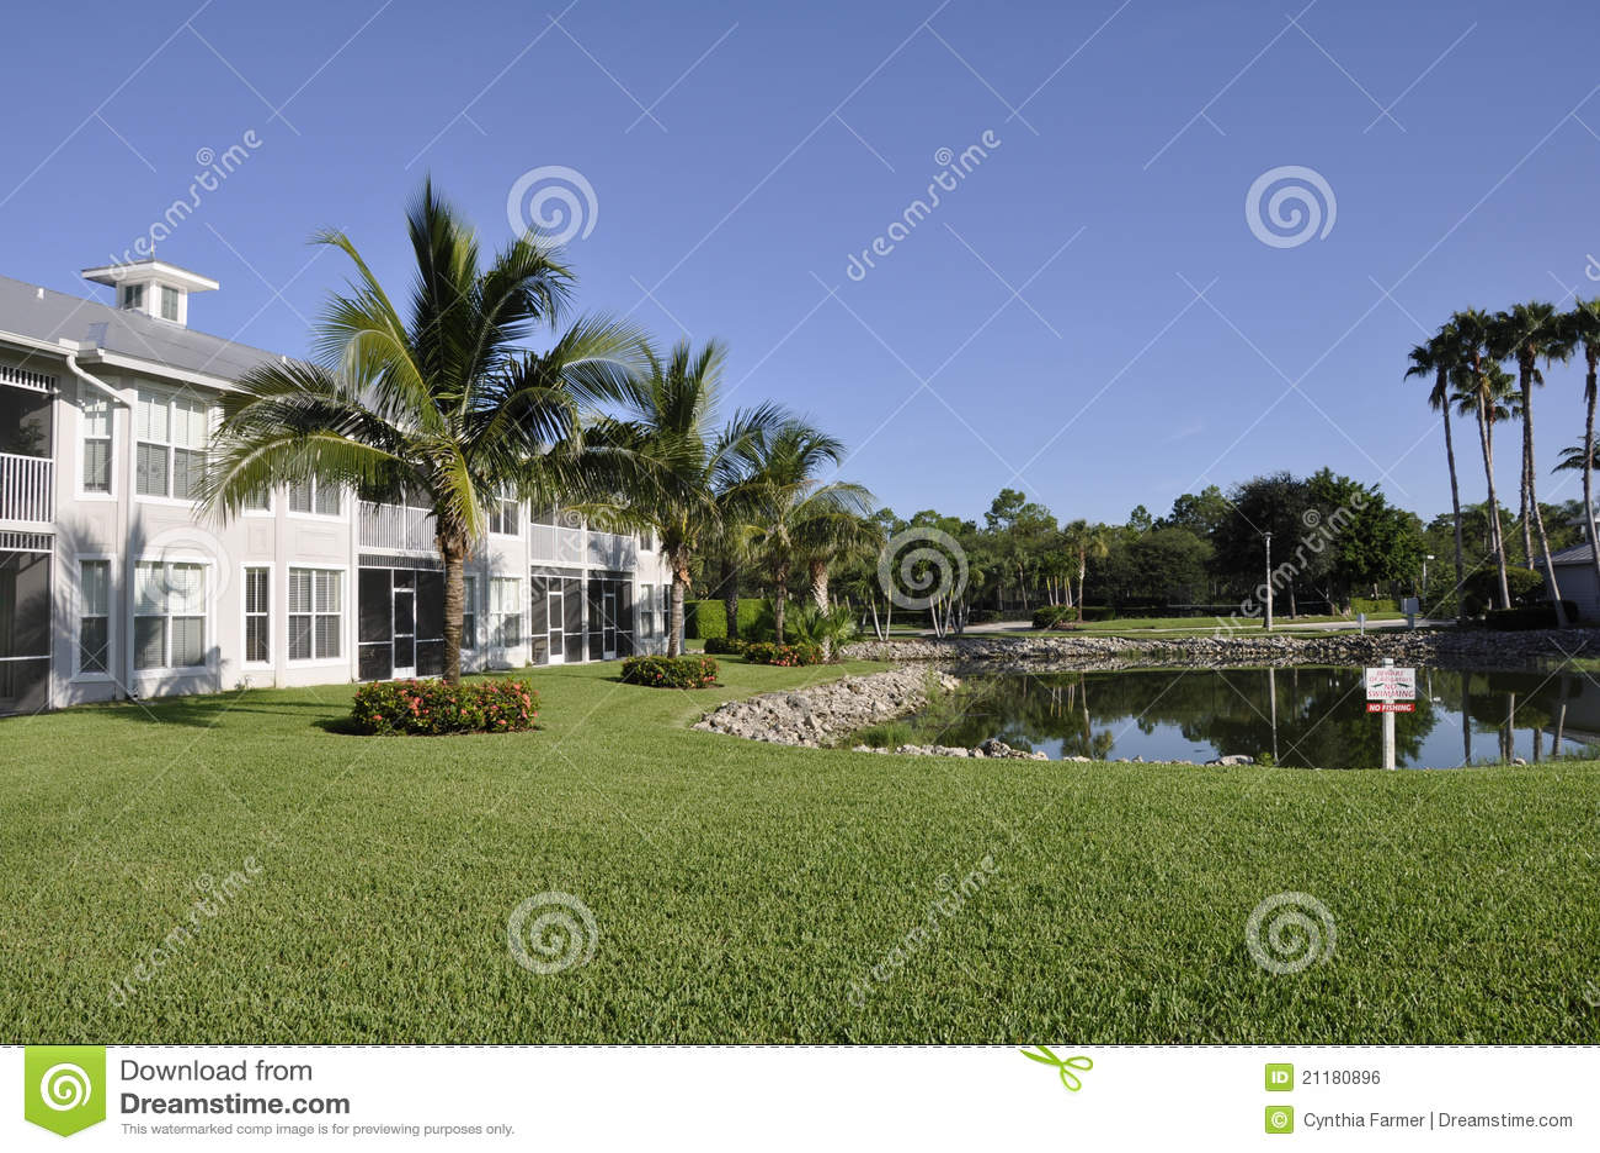 Resort in Naples, Florida